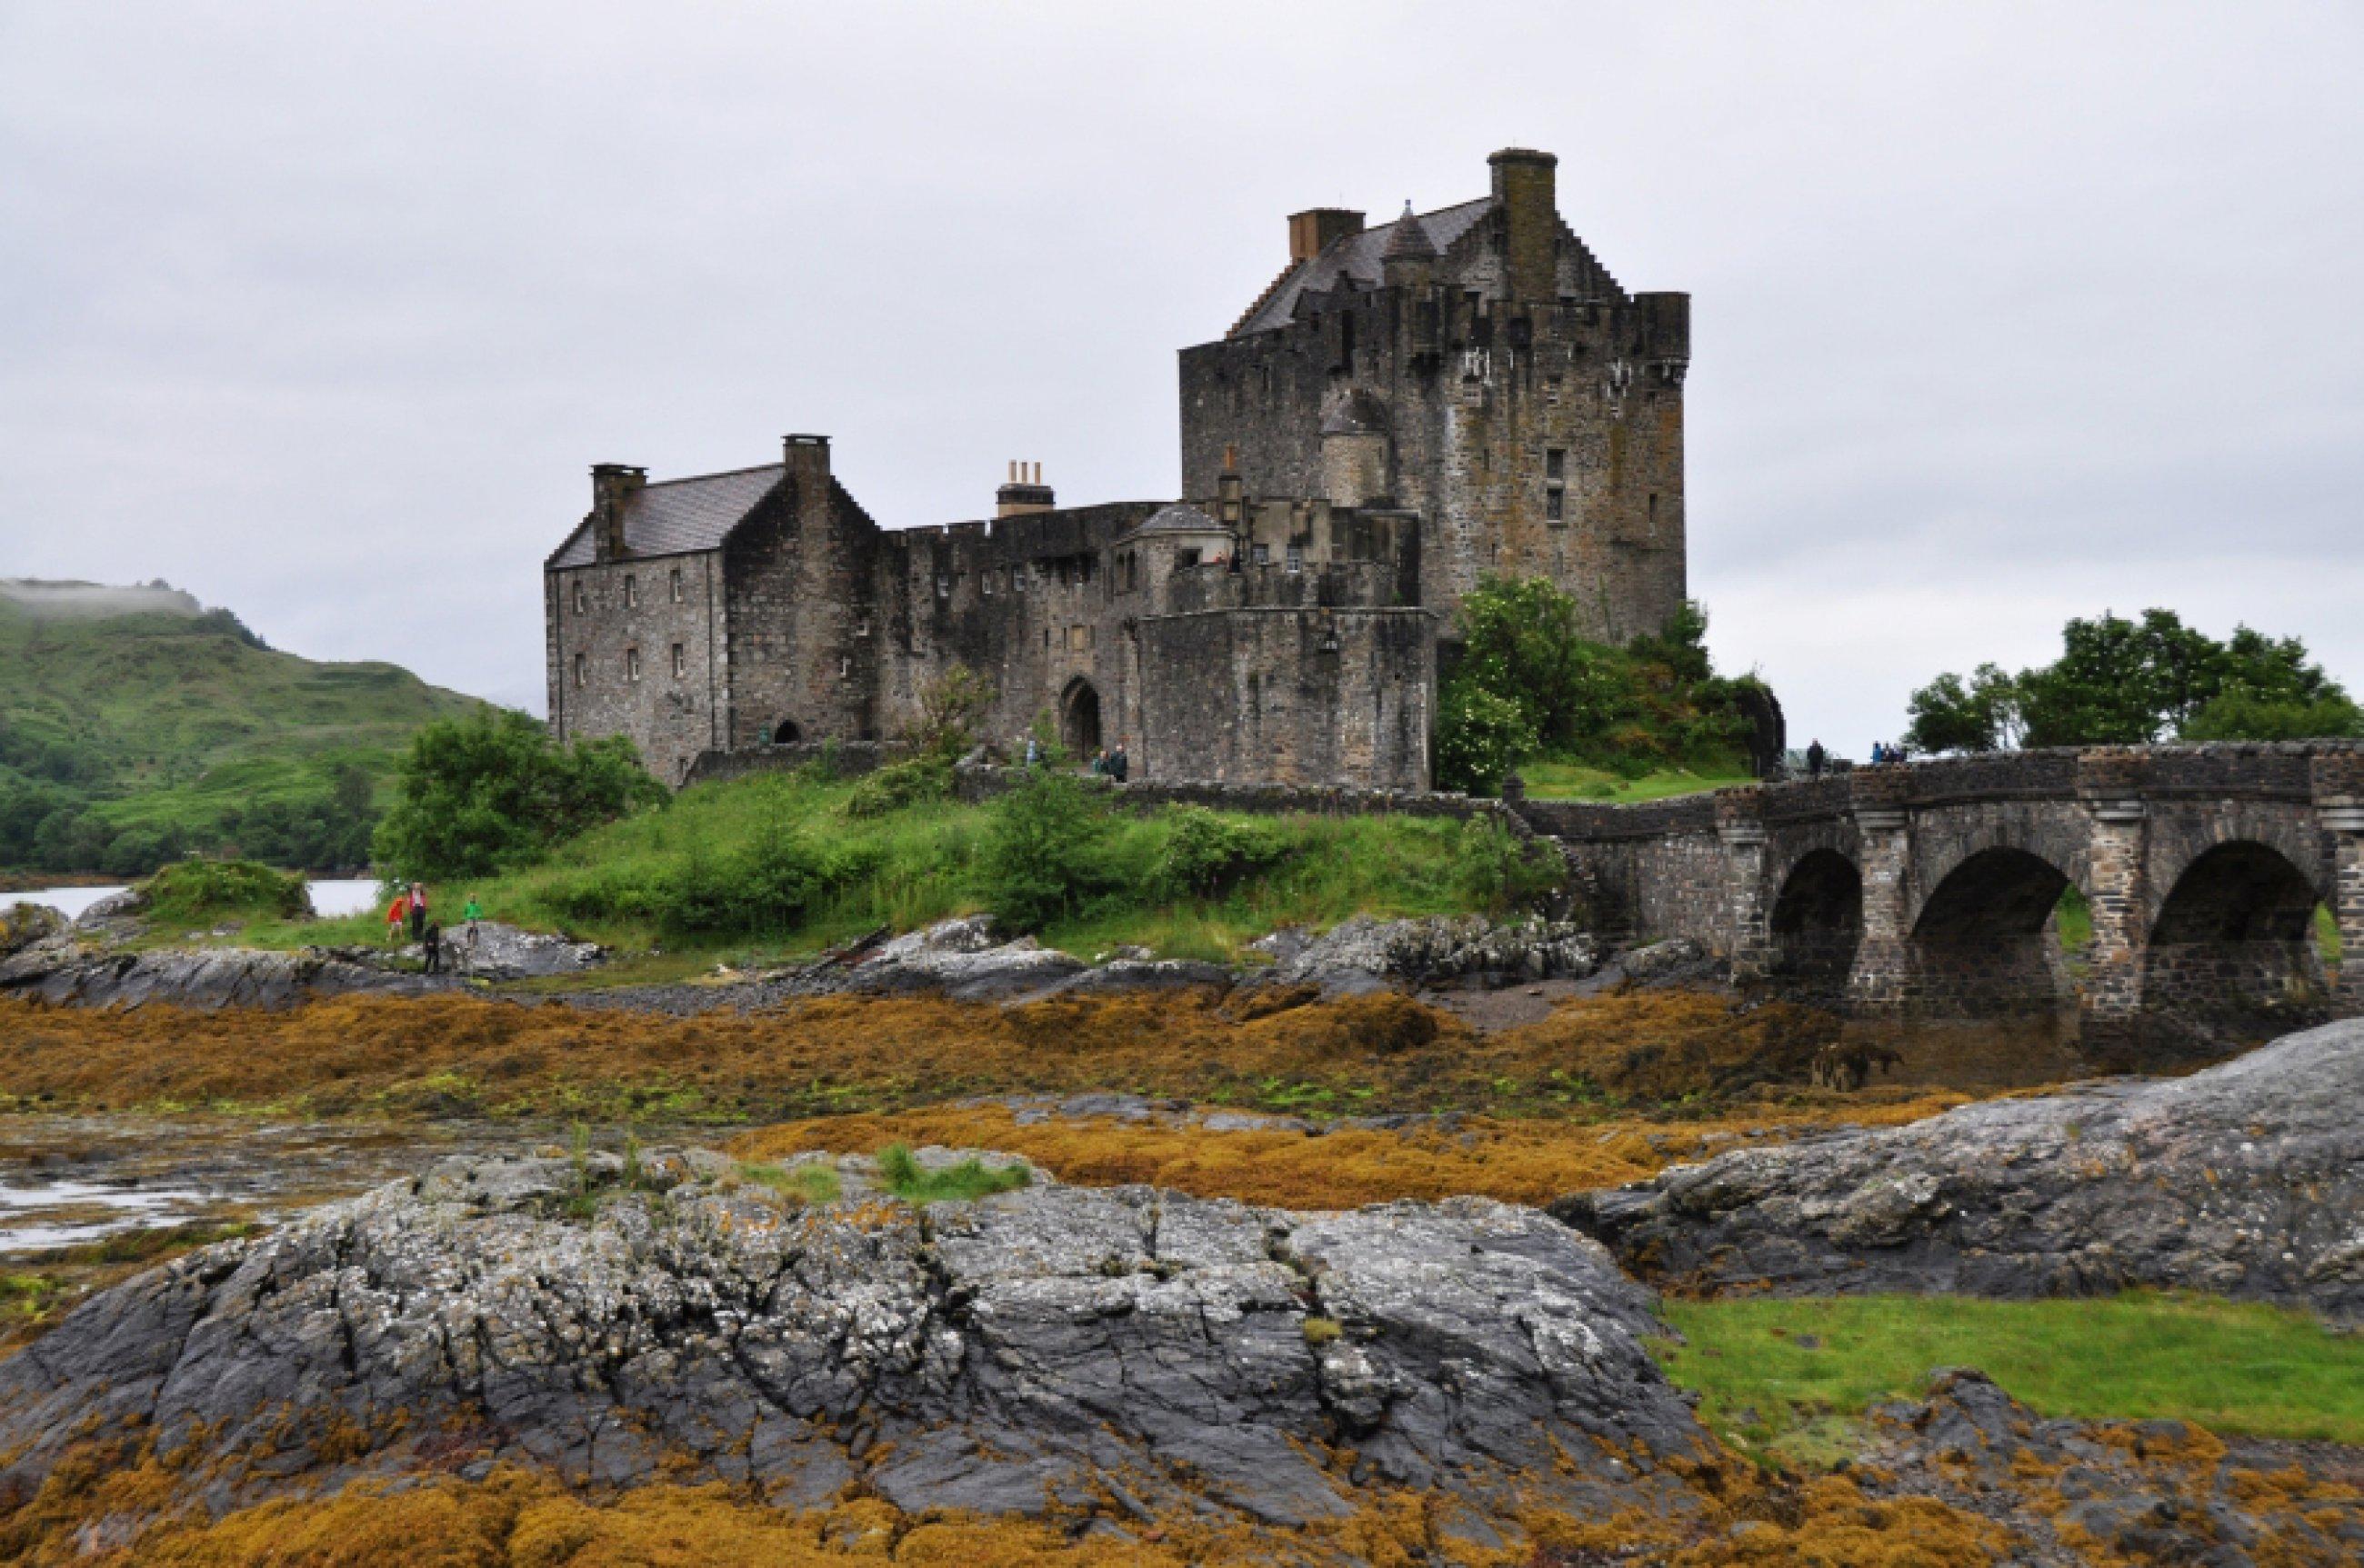 https://bubo.sk/uploads/galleries/5046/eilean-donan-castle-skotska-ikona.jpg